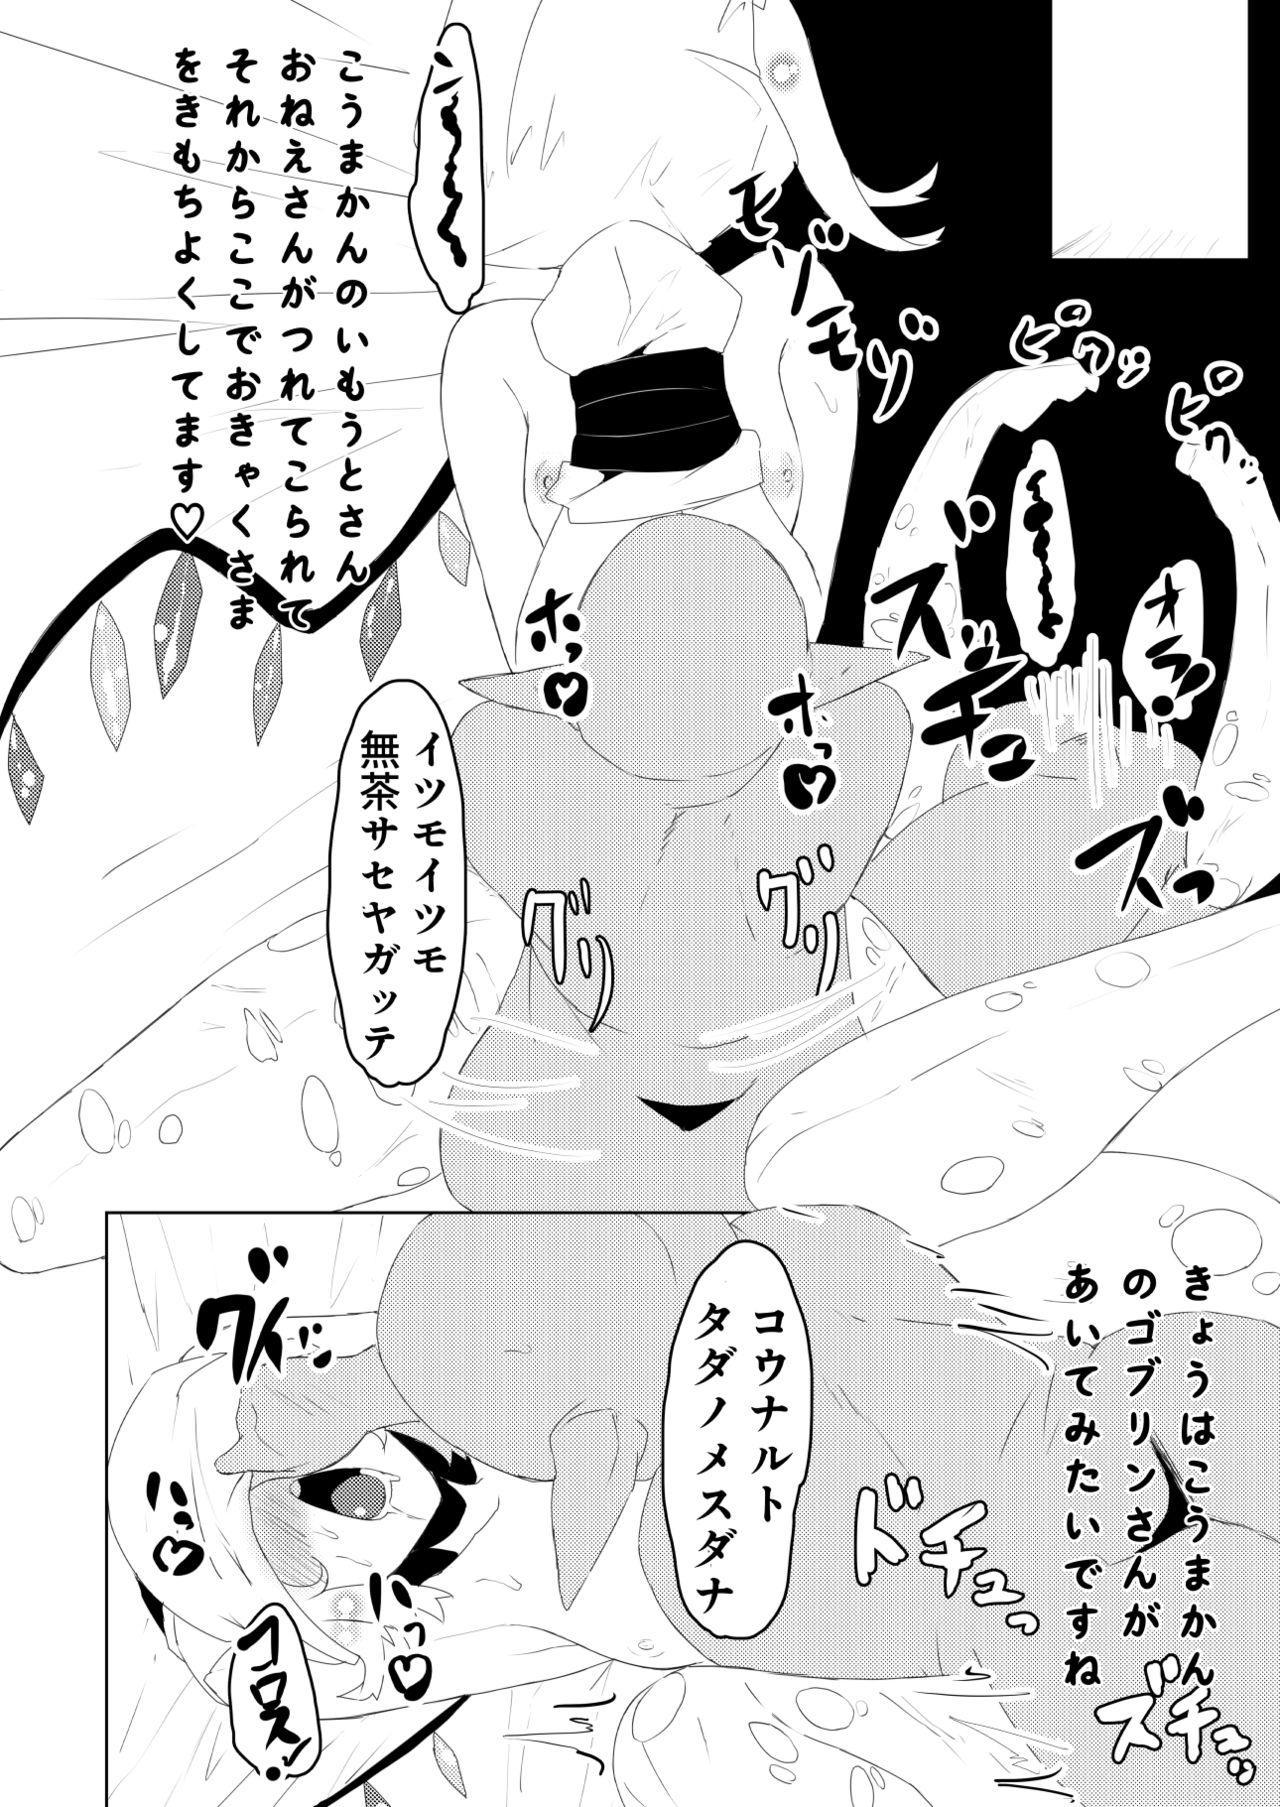 Youkai no Omise 4